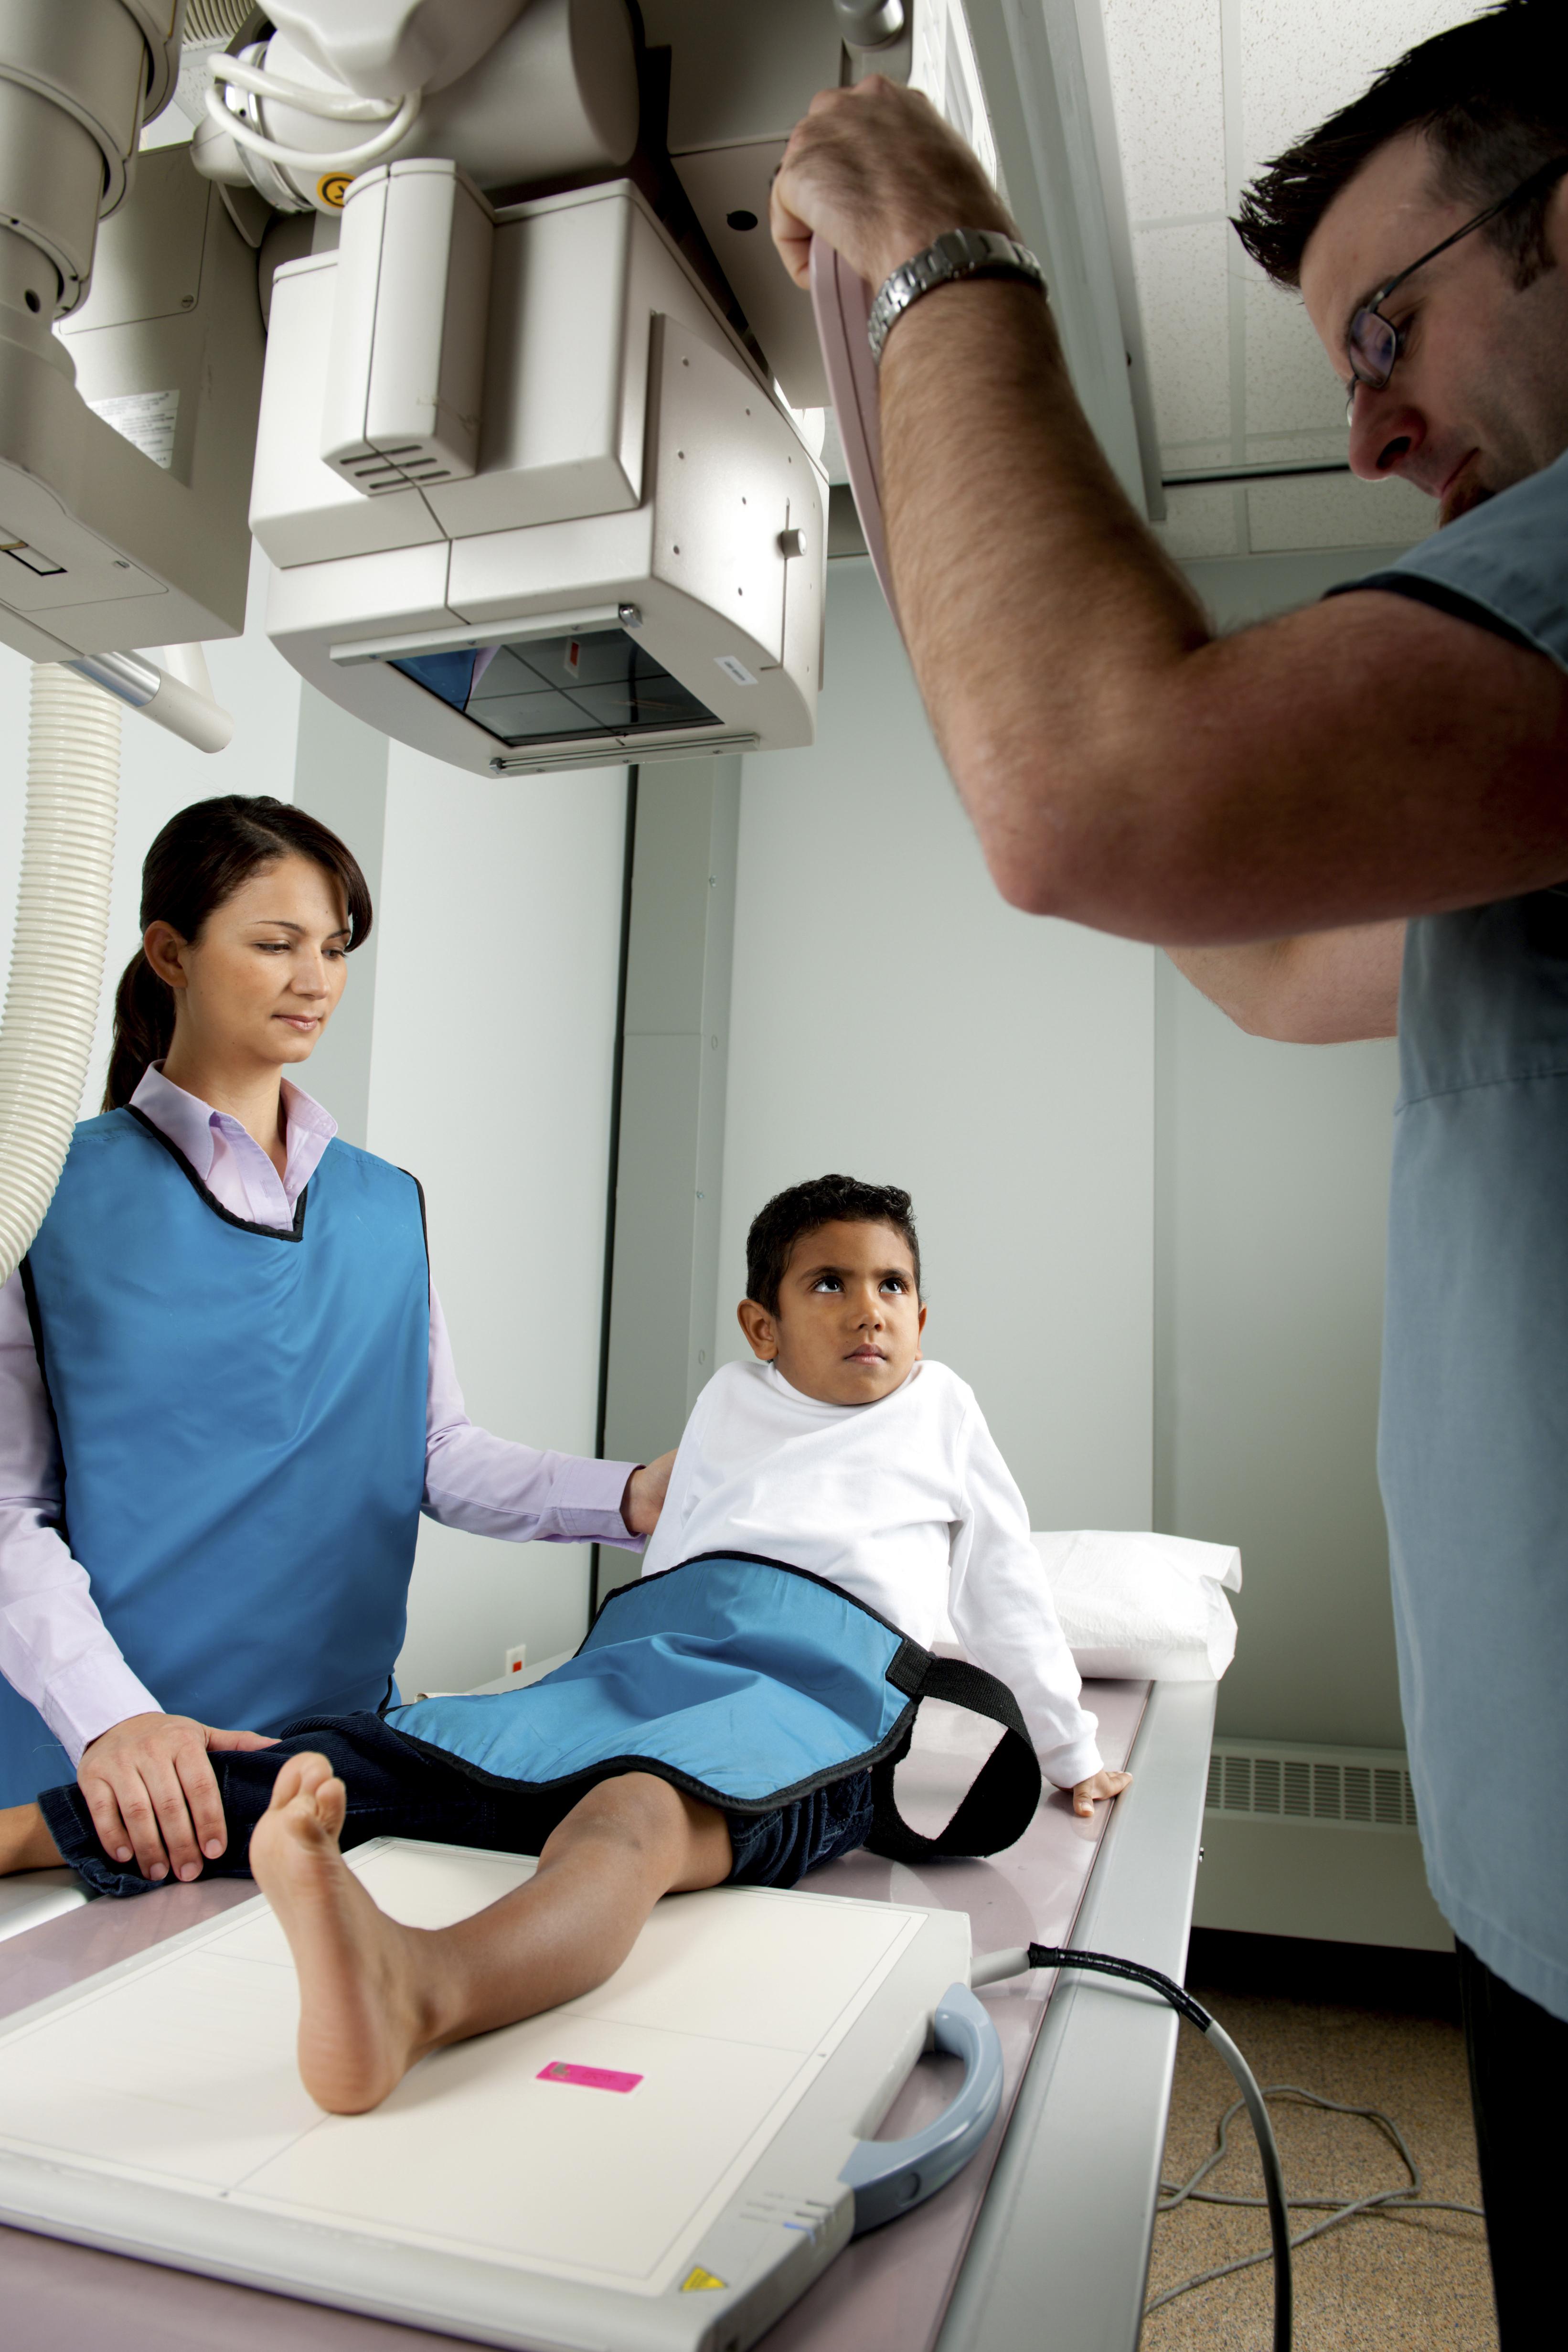 Рентген маленьким детям фото